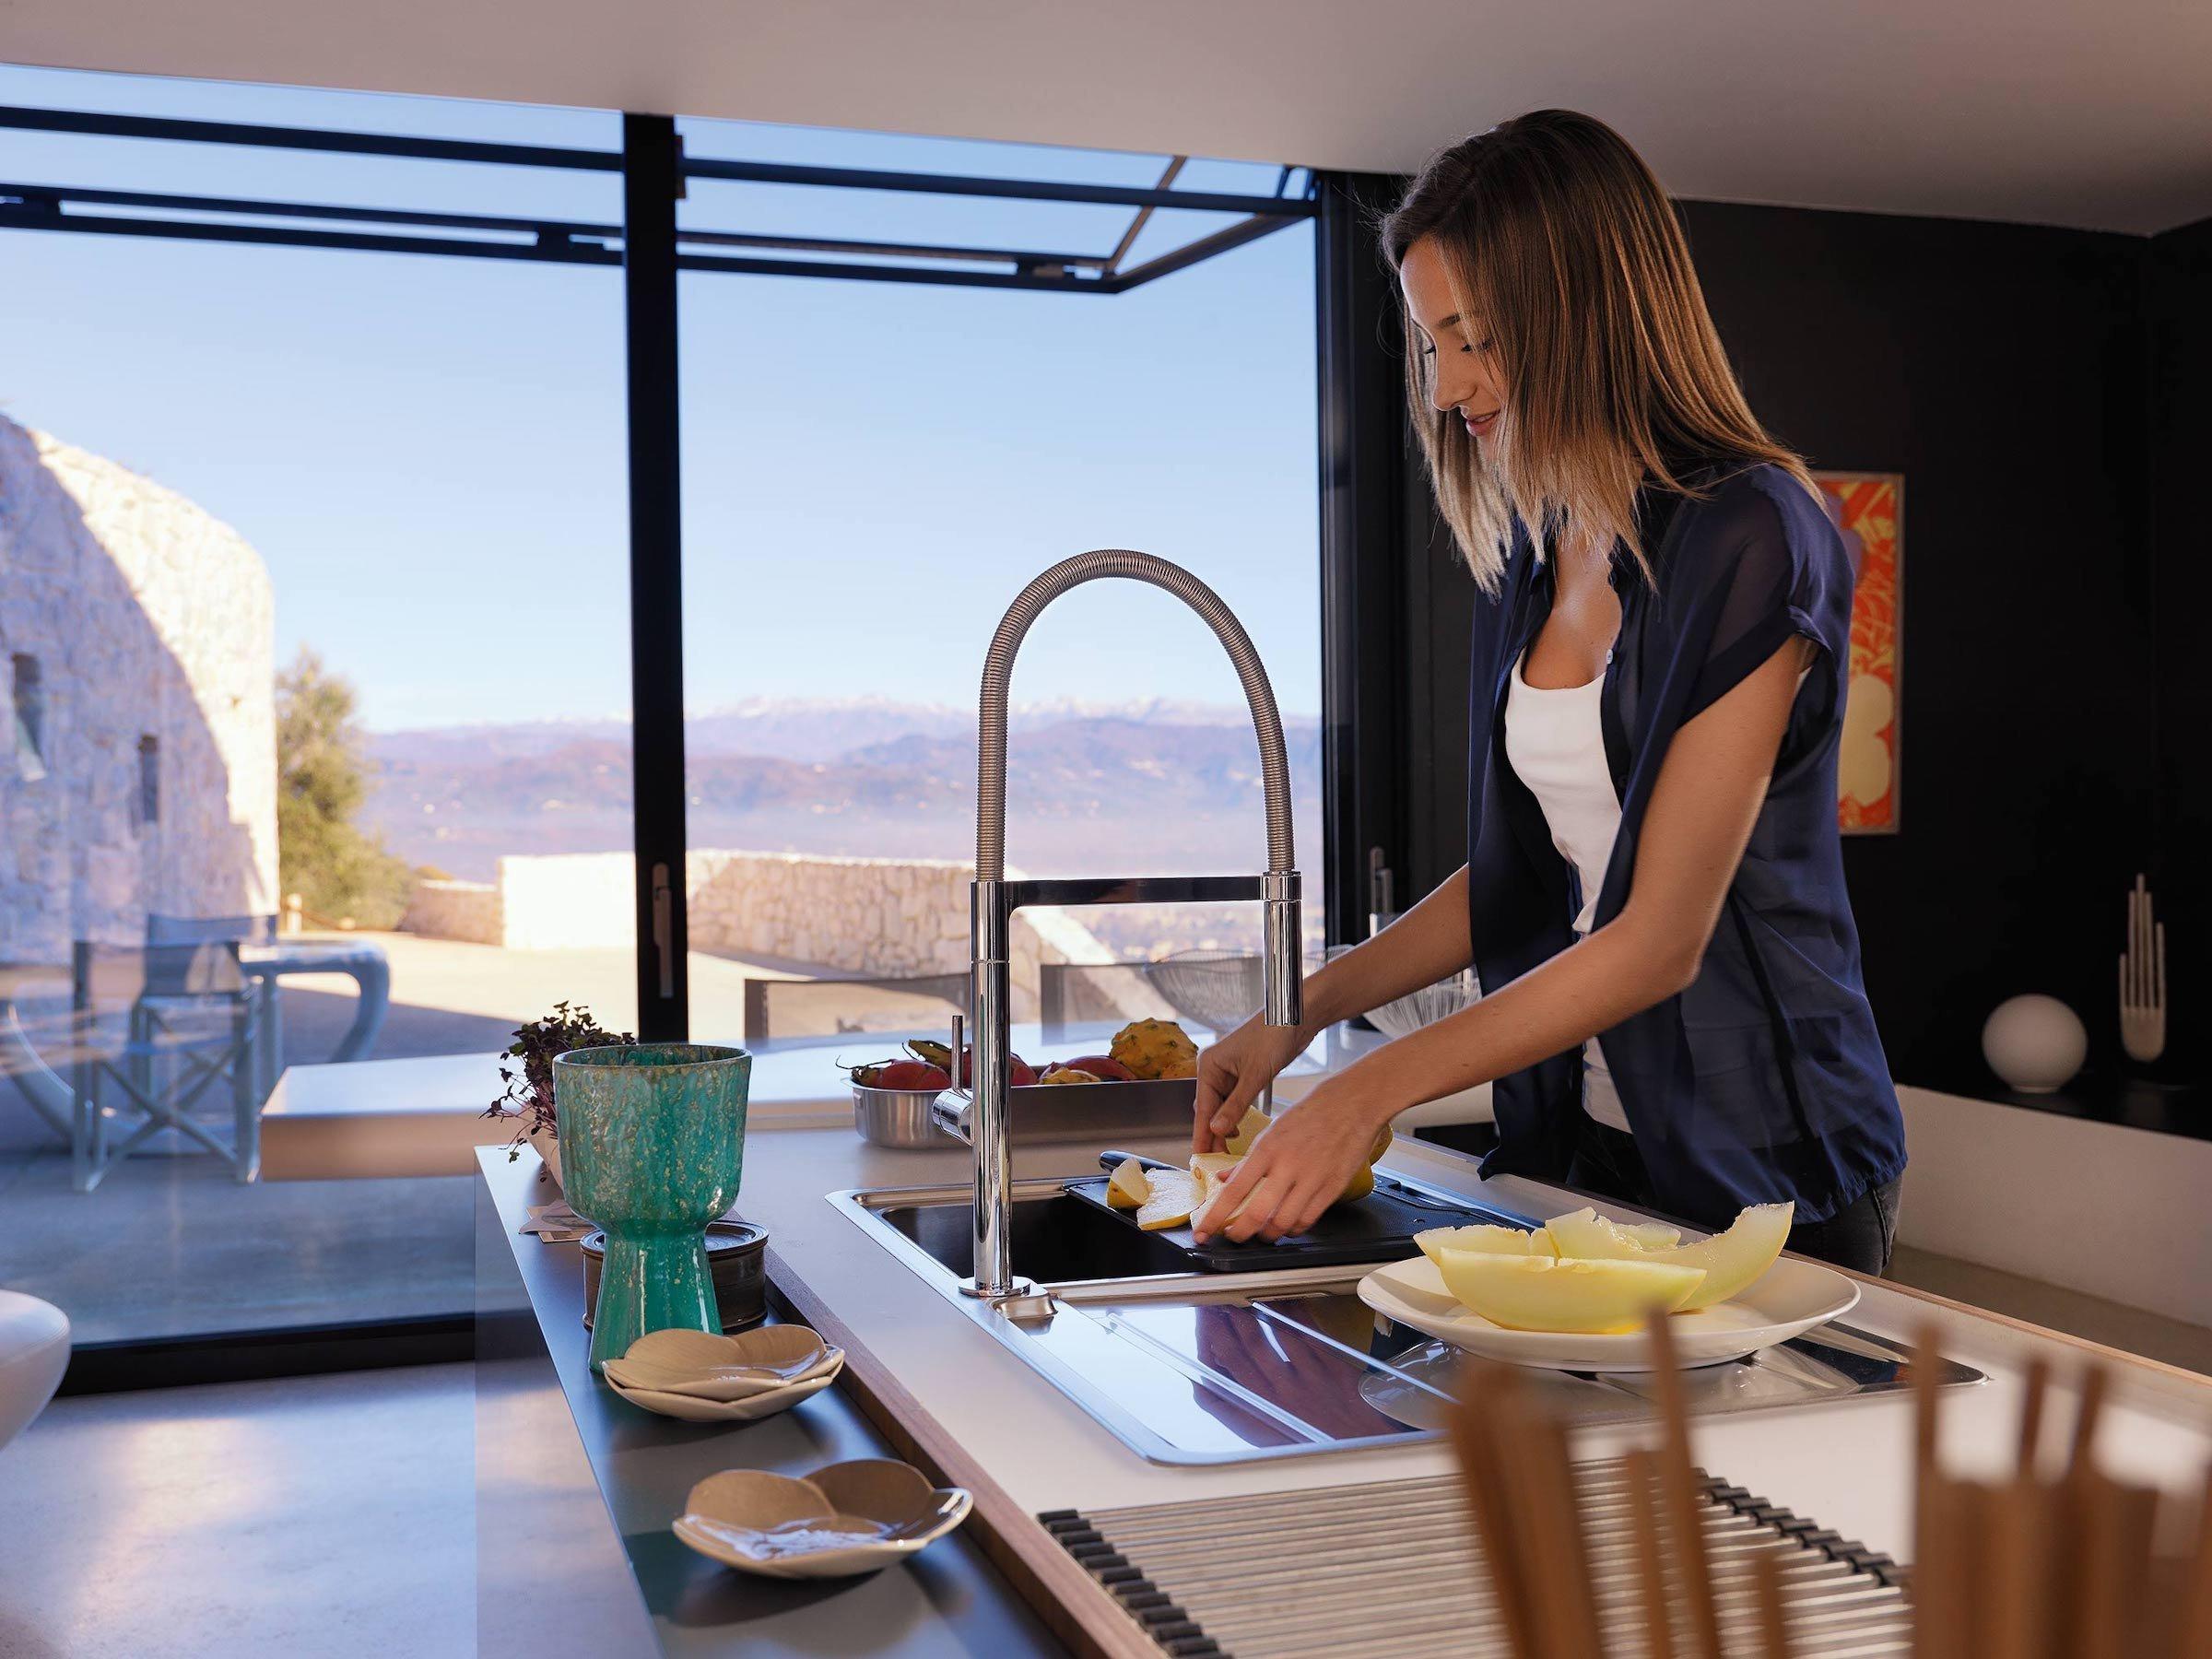 Srdcem každé domácnosti je kuchyně a středobodem každé kuchyně je dřez a vní dřezová baterie.  Mnohdy ale dřezové baterii věnujeme minimální pozornost, neboť se může zdát, že její důležitá role je překonána kvůli myčce nádobí. Opak je však pravdou.